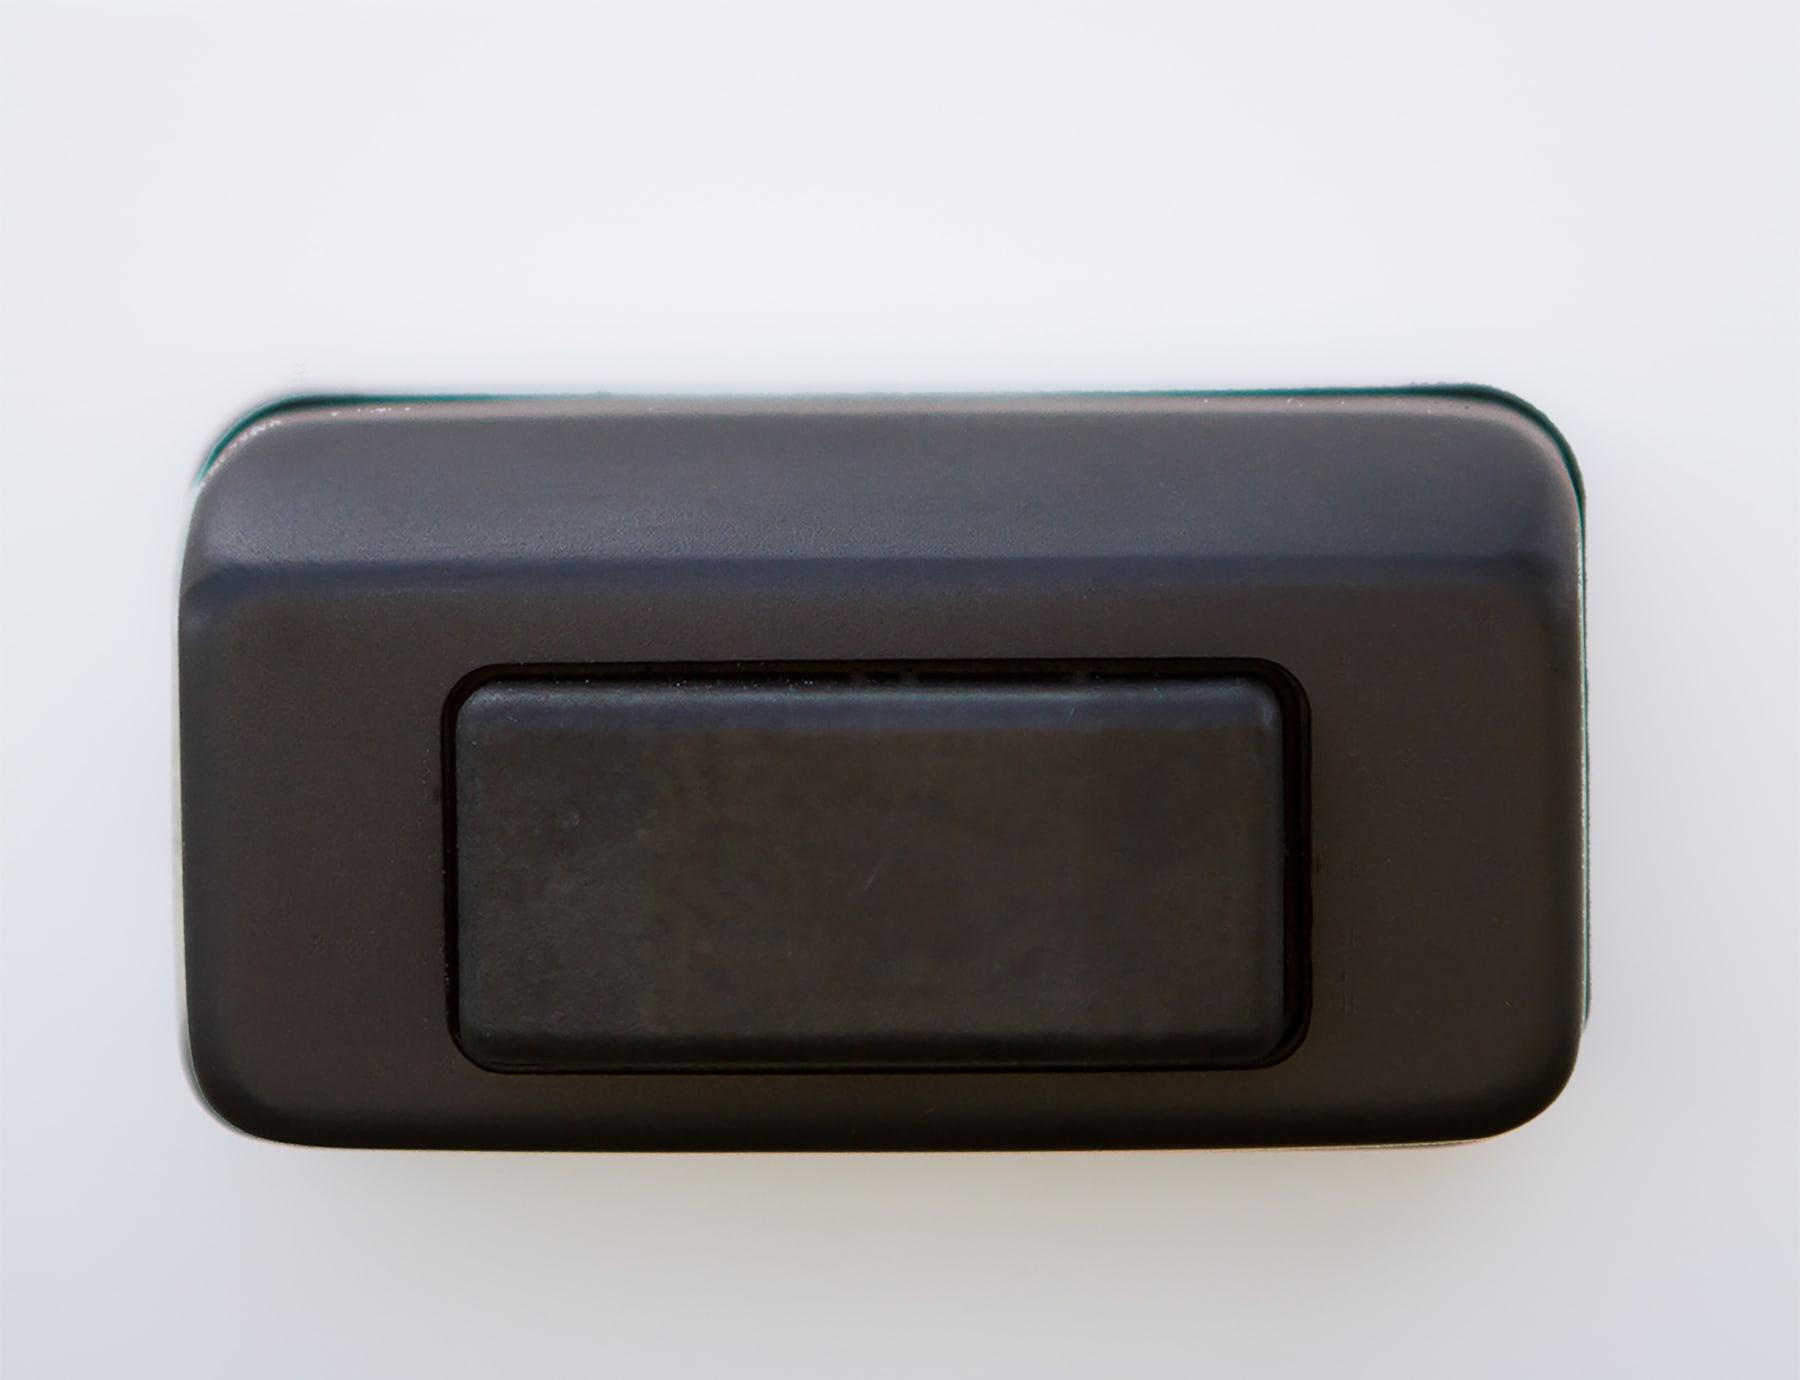 Black PVD Door Catch & BiFold Doors and Folding-Doors - Exclusive Hybrid Doors by Win-Dor